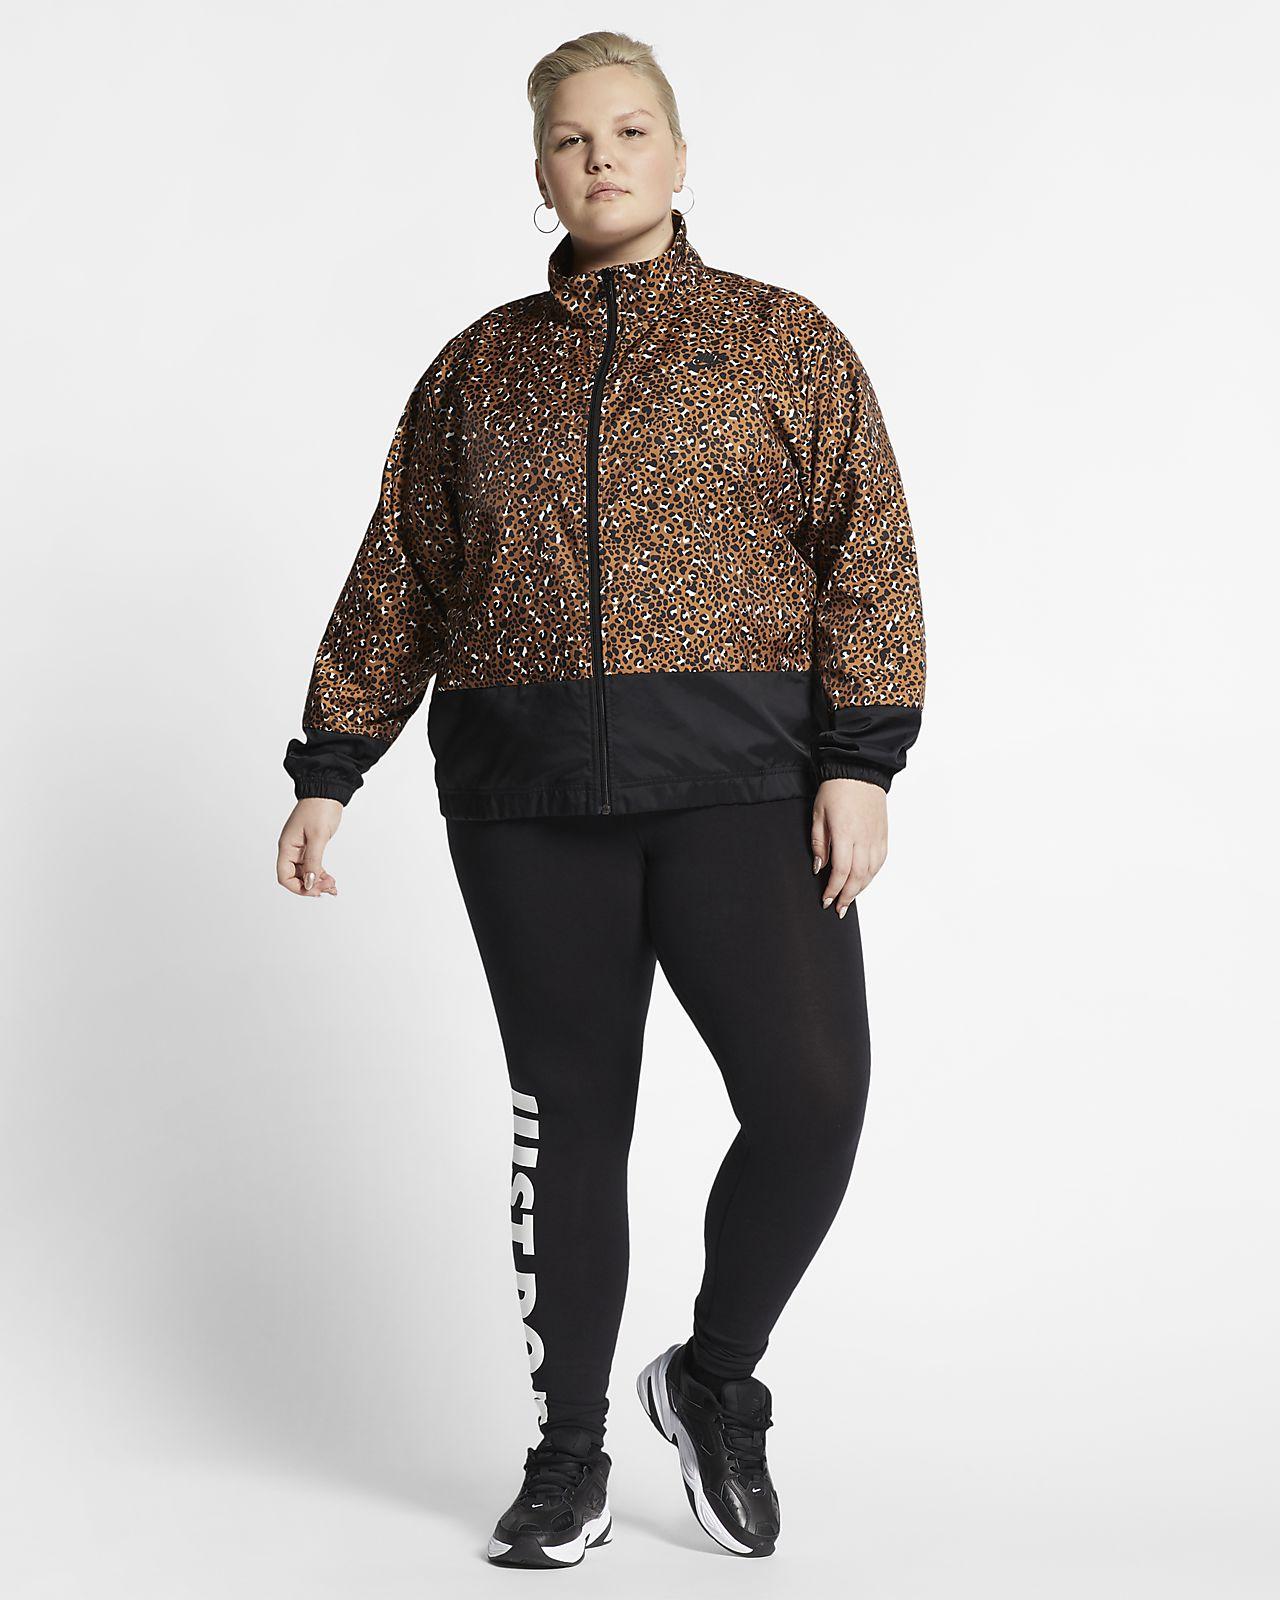 6e6c4c2e391 ... Nike Sportswear Animal Print-vævet jakke til kvinder (Plus Size)Nike  Sportswear Animal